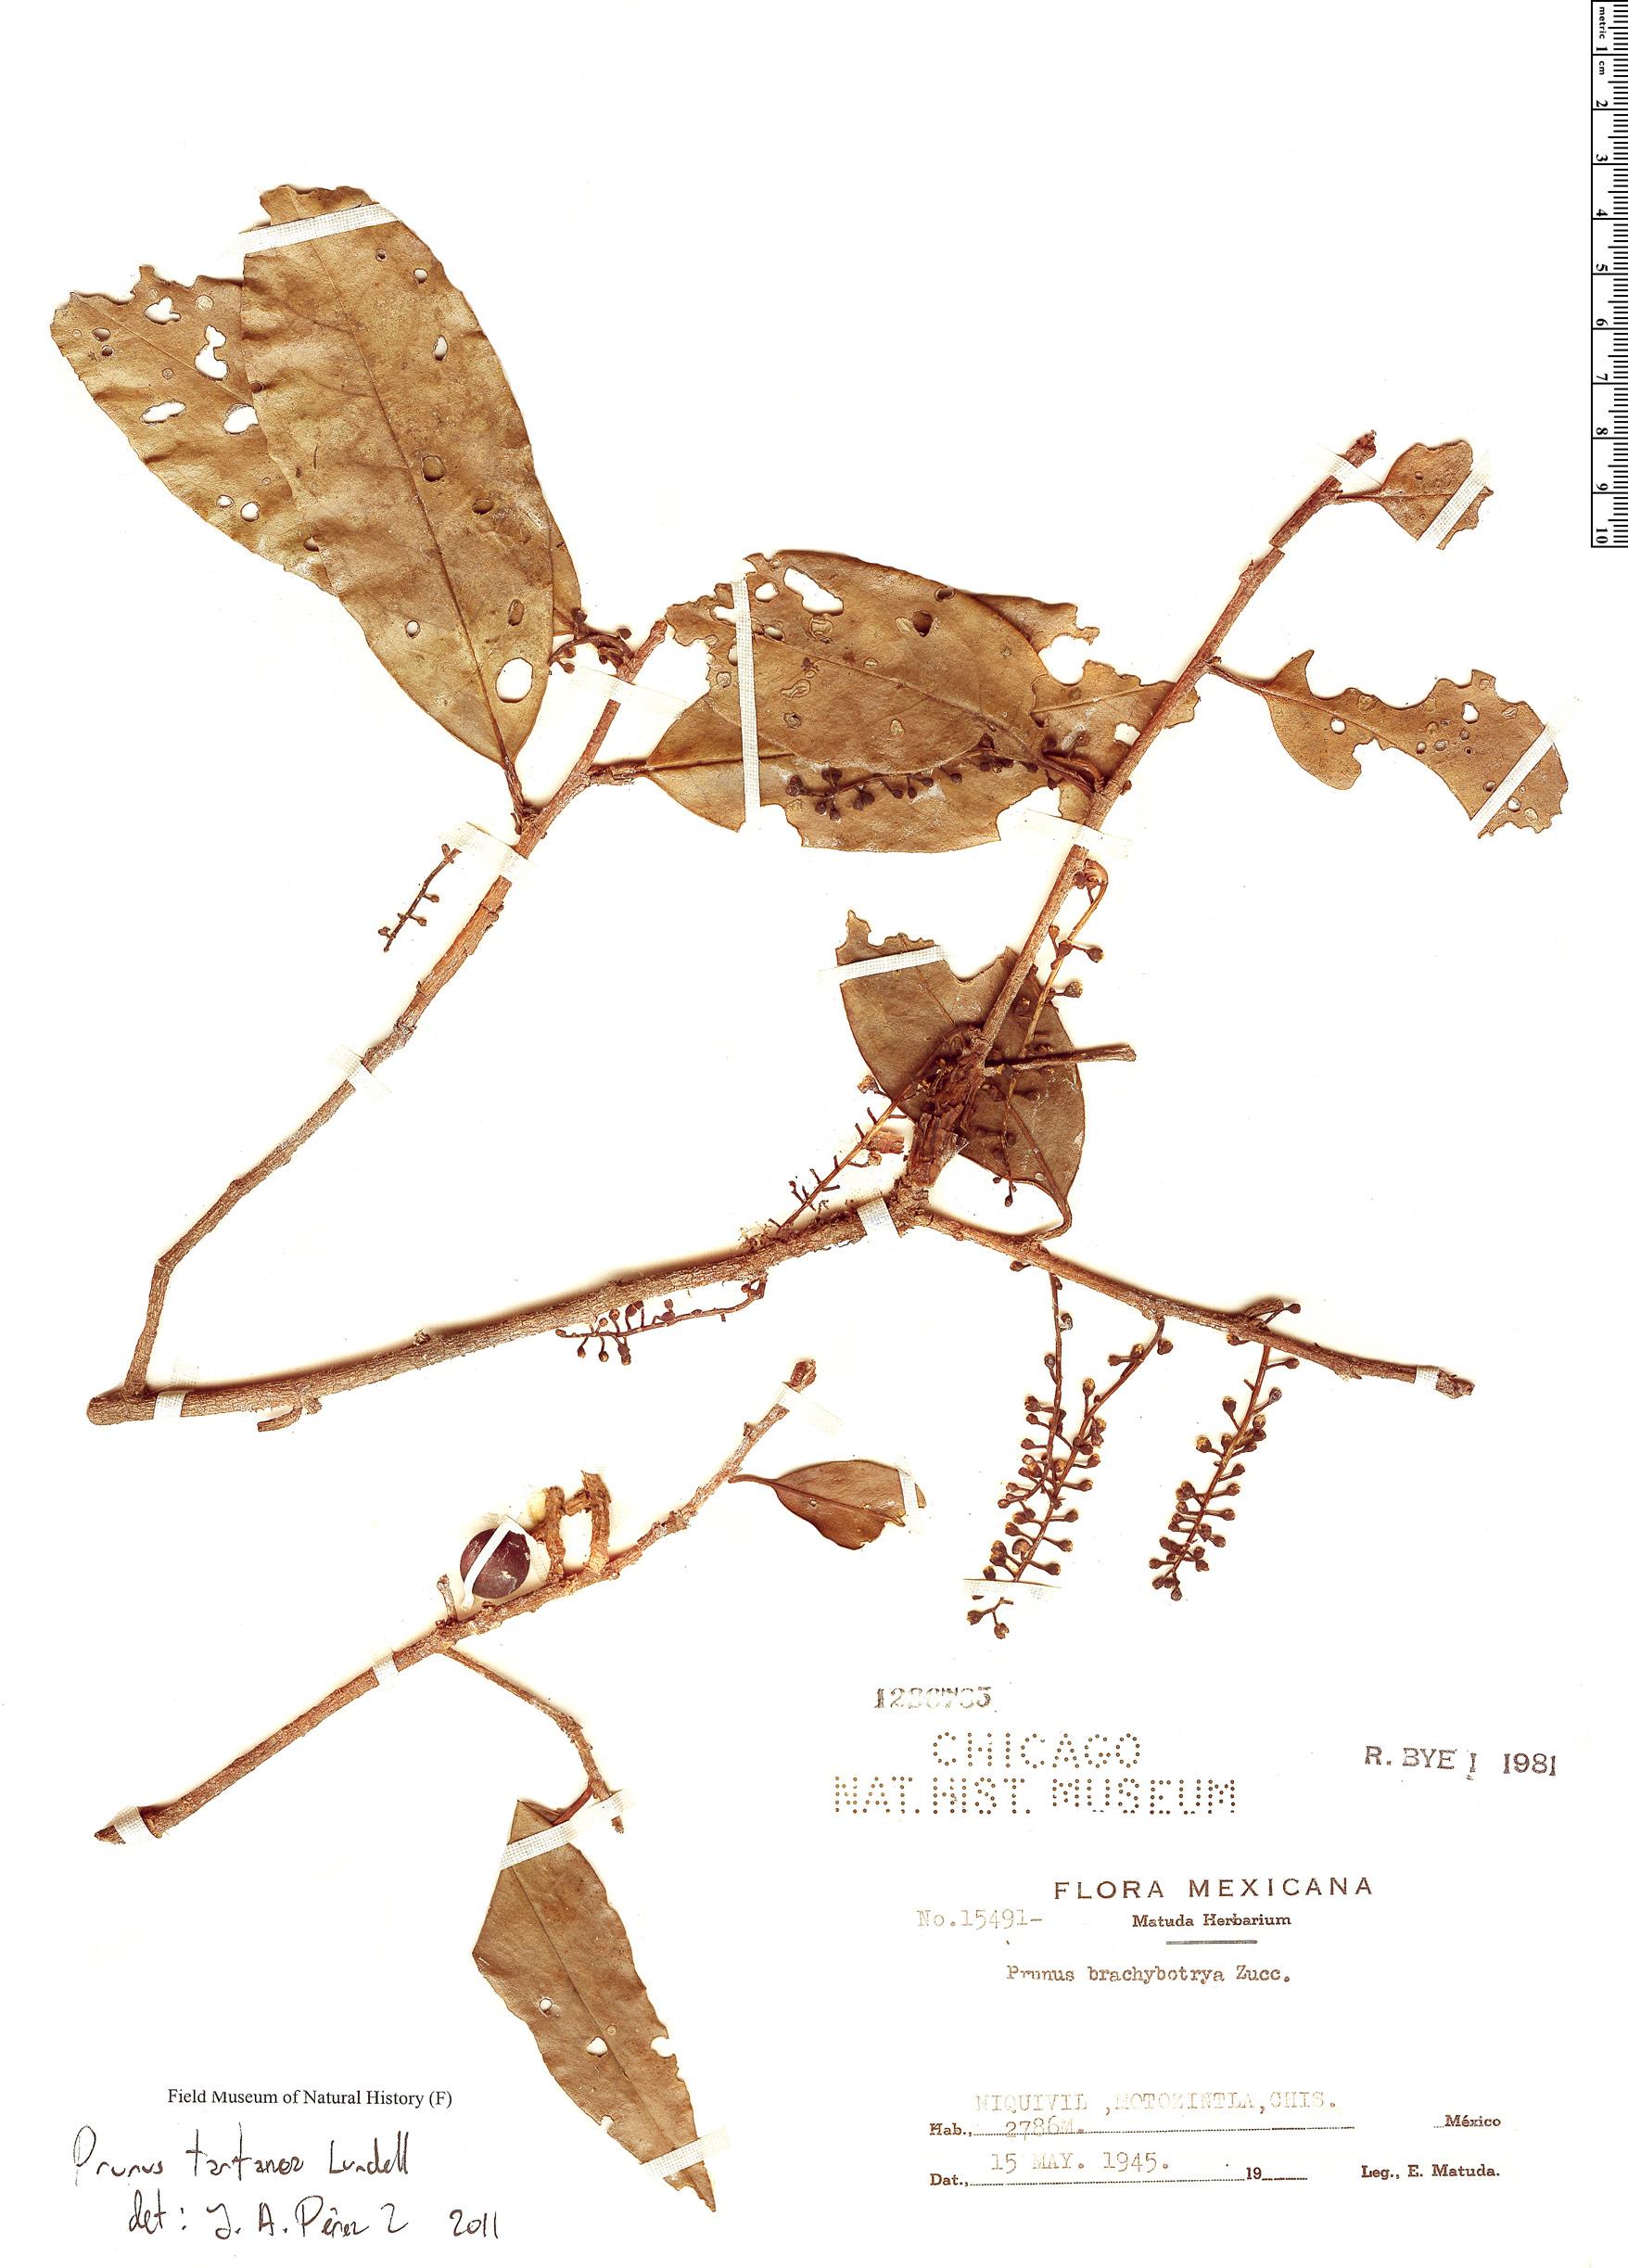 Specimen: Prunus tartarea